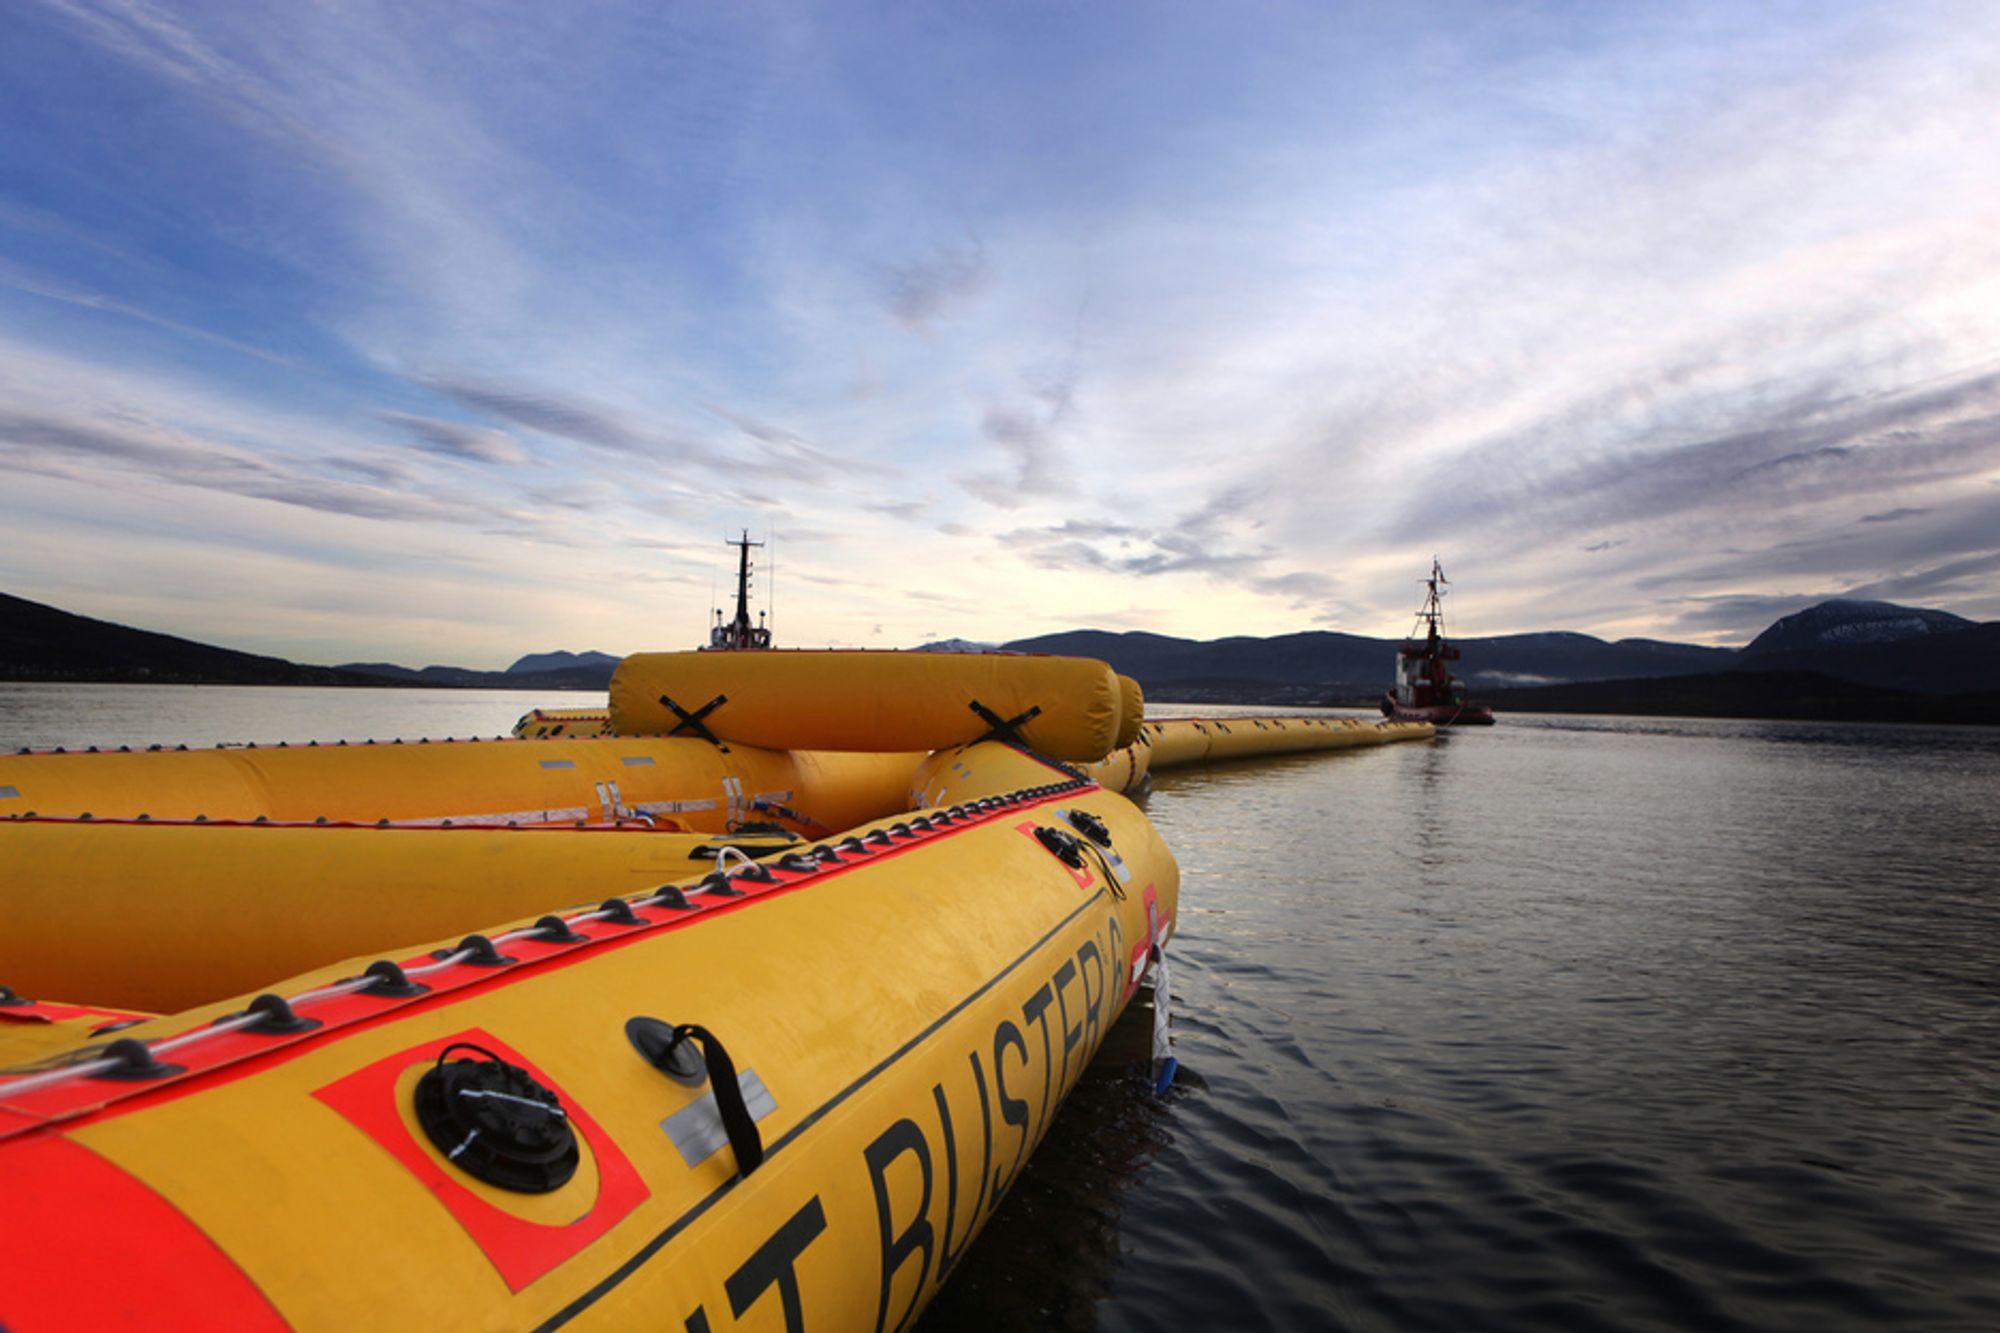 Fortsatt norsk deltakelse i Copernicus-programmet er avgjørende for overvåkning av oljesøl, er blant argumentene i sju norske organisasjoners brev til regjeringen. Her illustrasjonsfoto fra testing av ny Nofi-teknologi utenfor Tromsø.